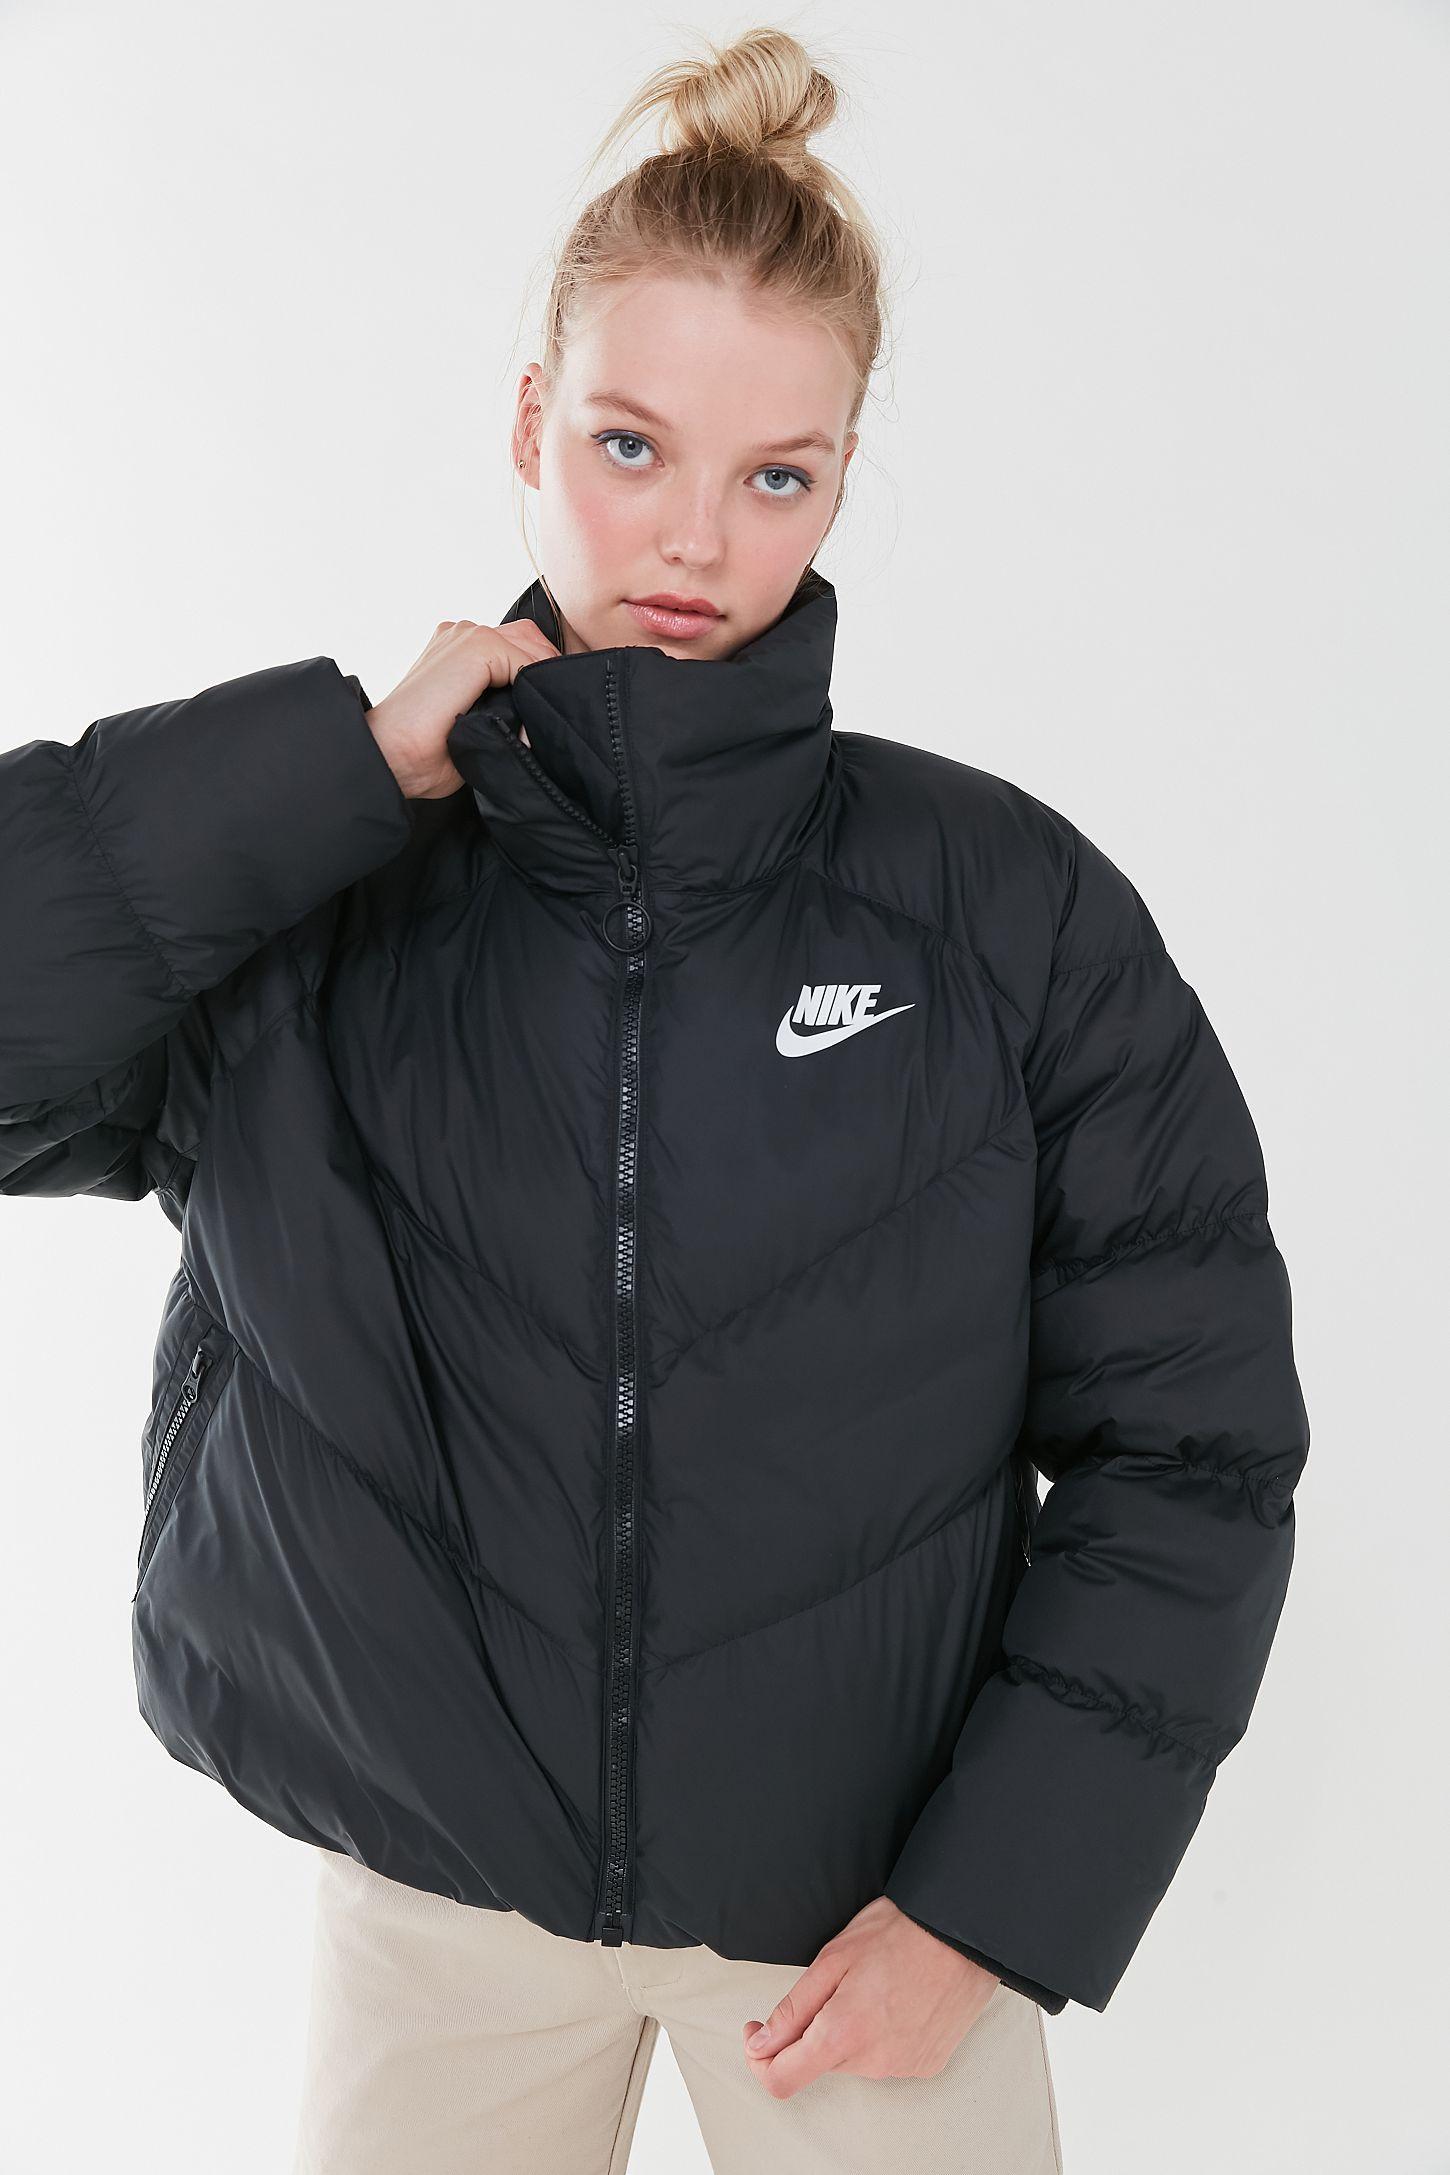 Nike Sportswear Puffer Jacket Nike Puffer Jacket Nike Sportswear Puffer Jacket Outfit [ 2175 x 1450 Pixel ]